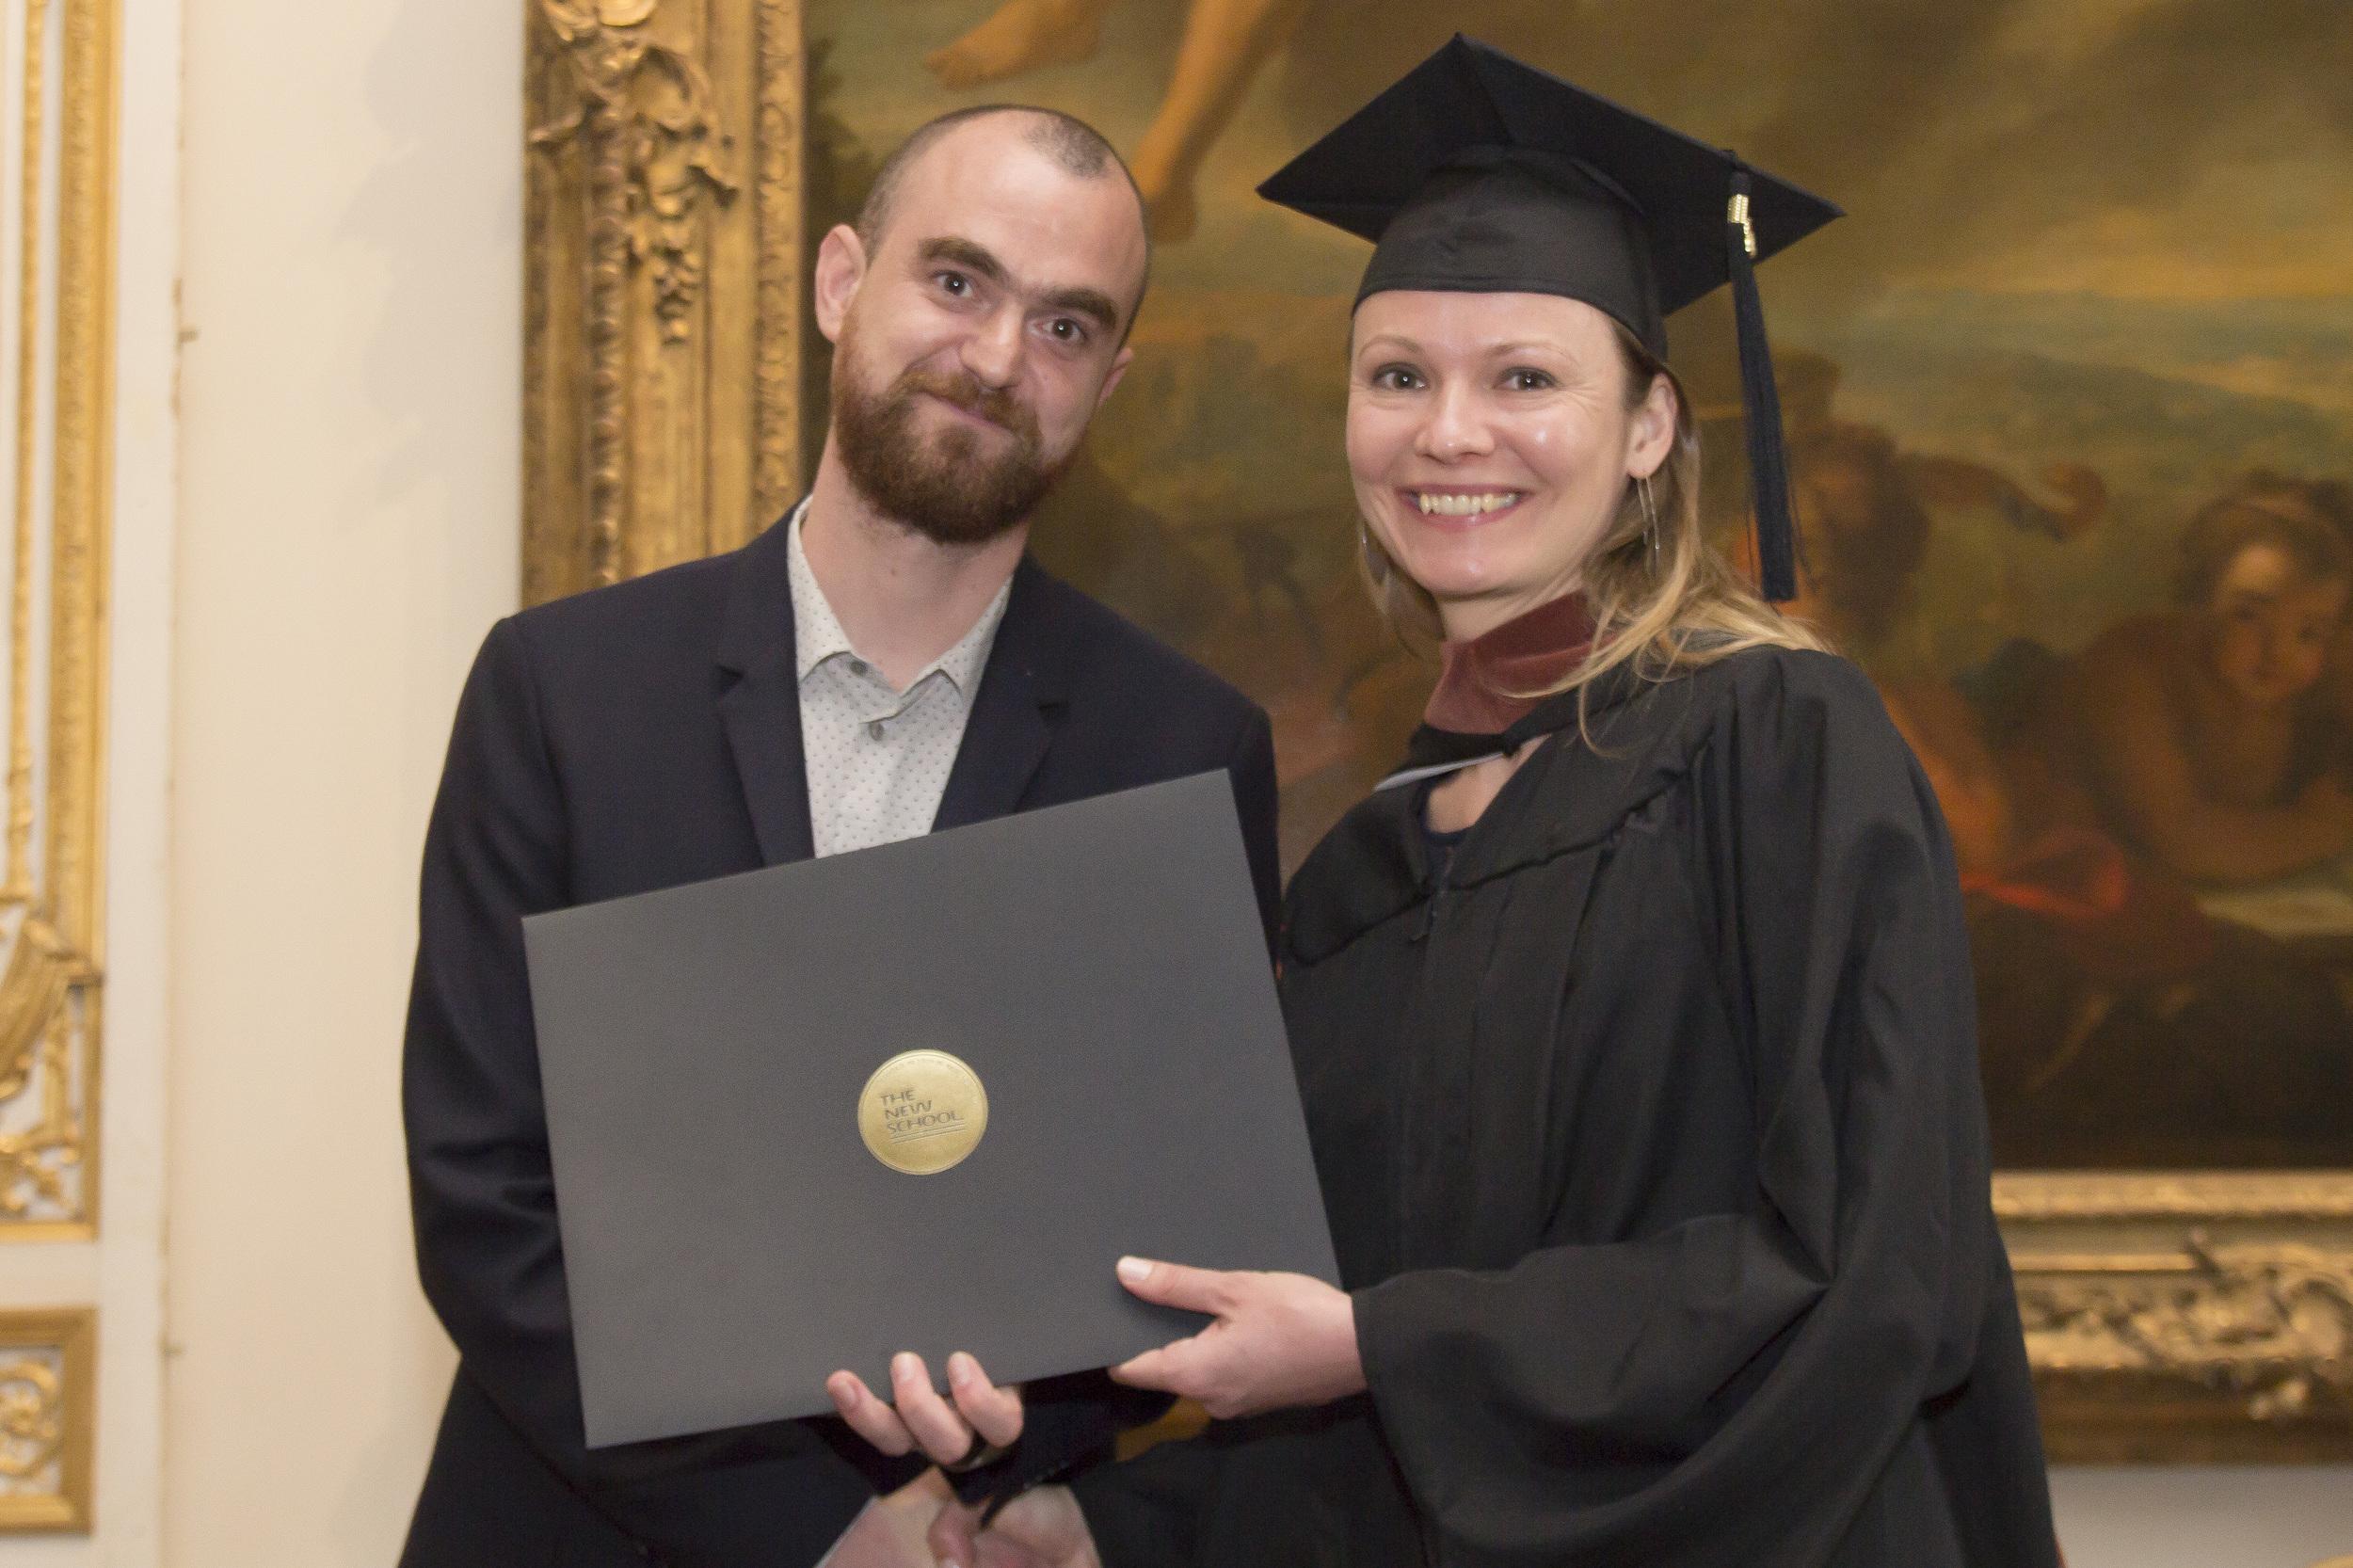 TNS_ParsonsParis_Graduation_107.jpg